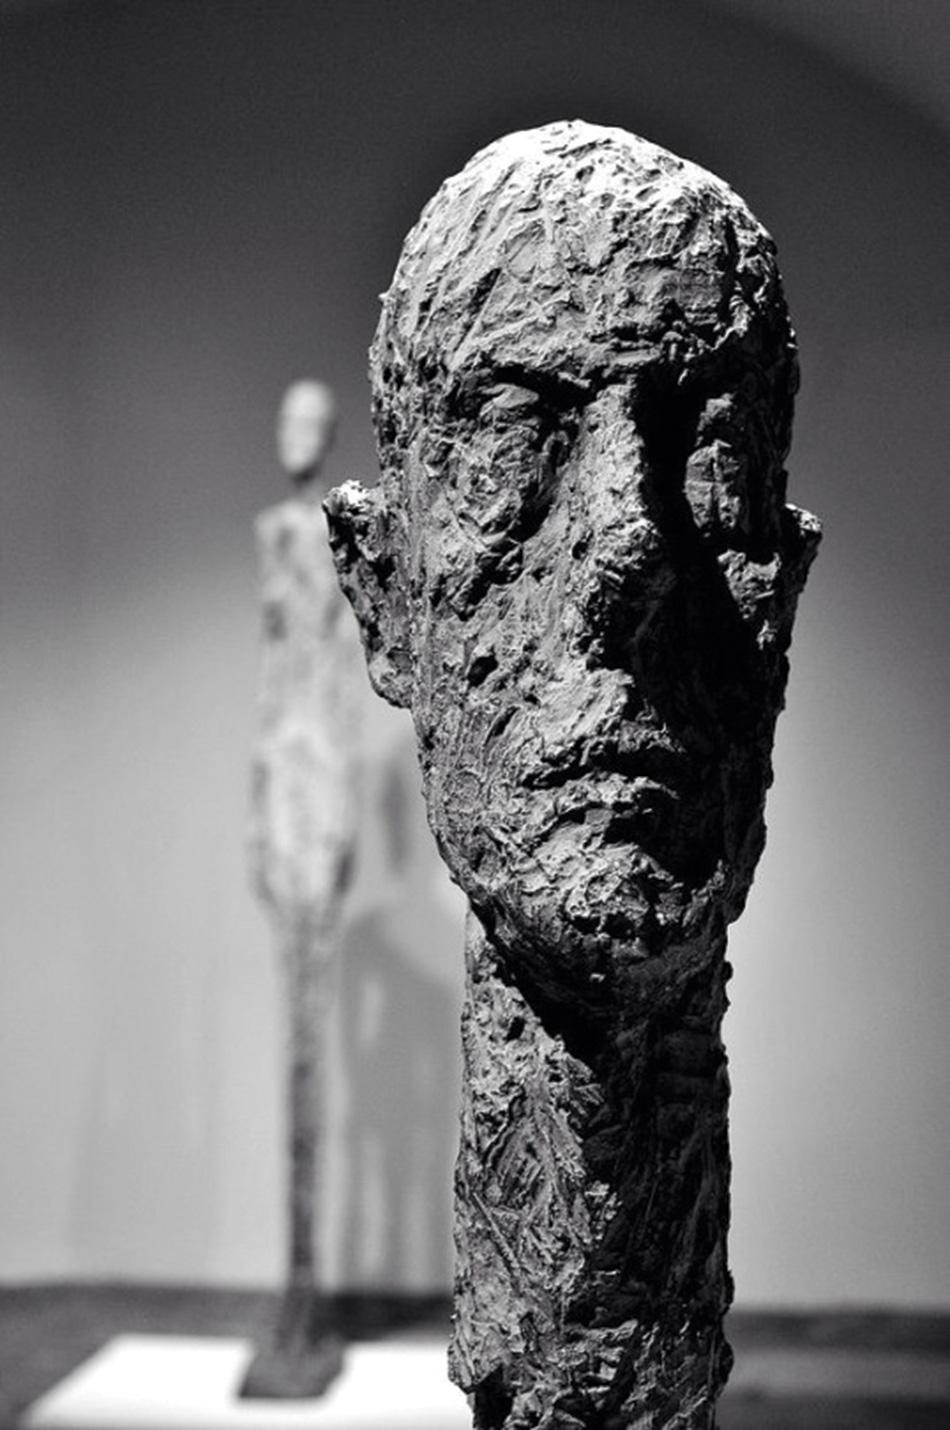 Monumental Head – Alberto Giacometti